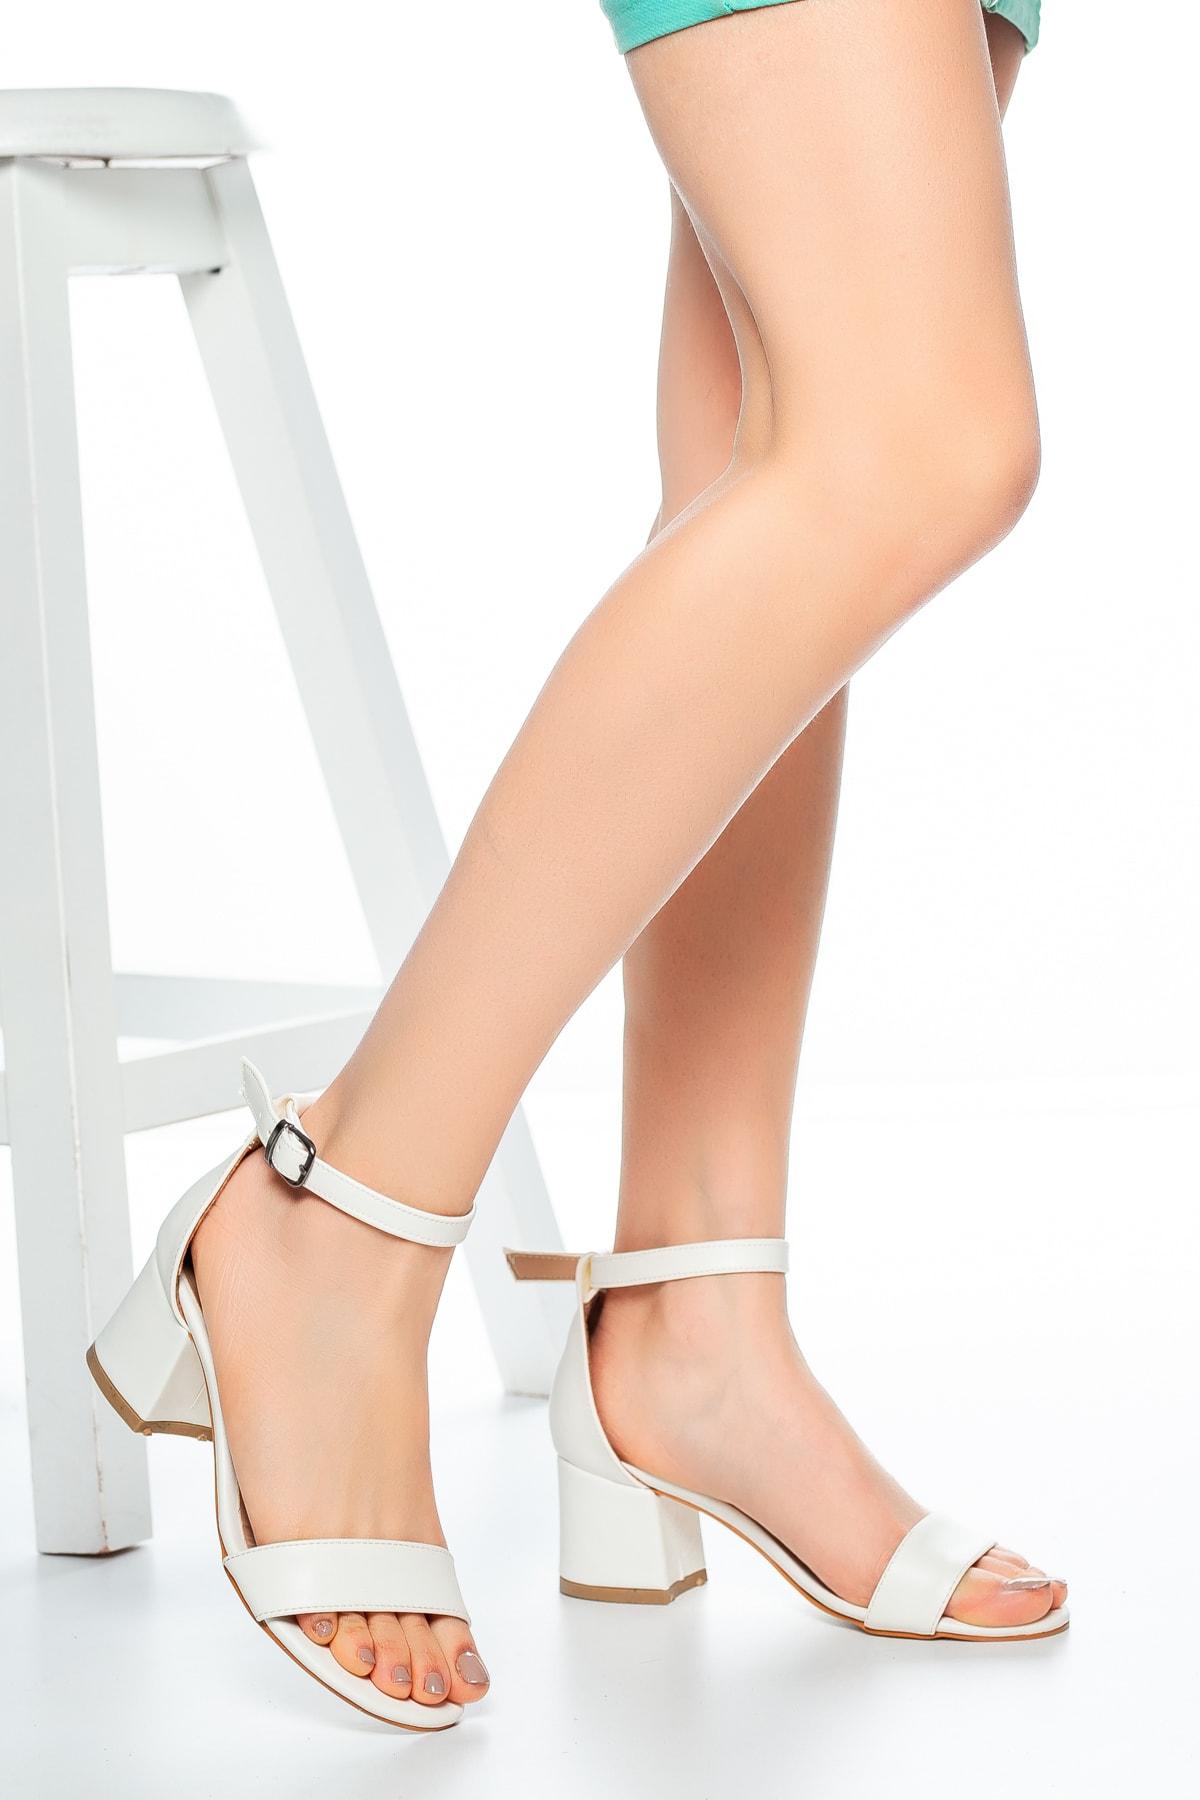 Beyaz Cilt Kadın Klasik Topuklu Ayakkabı Md1015-119-0001